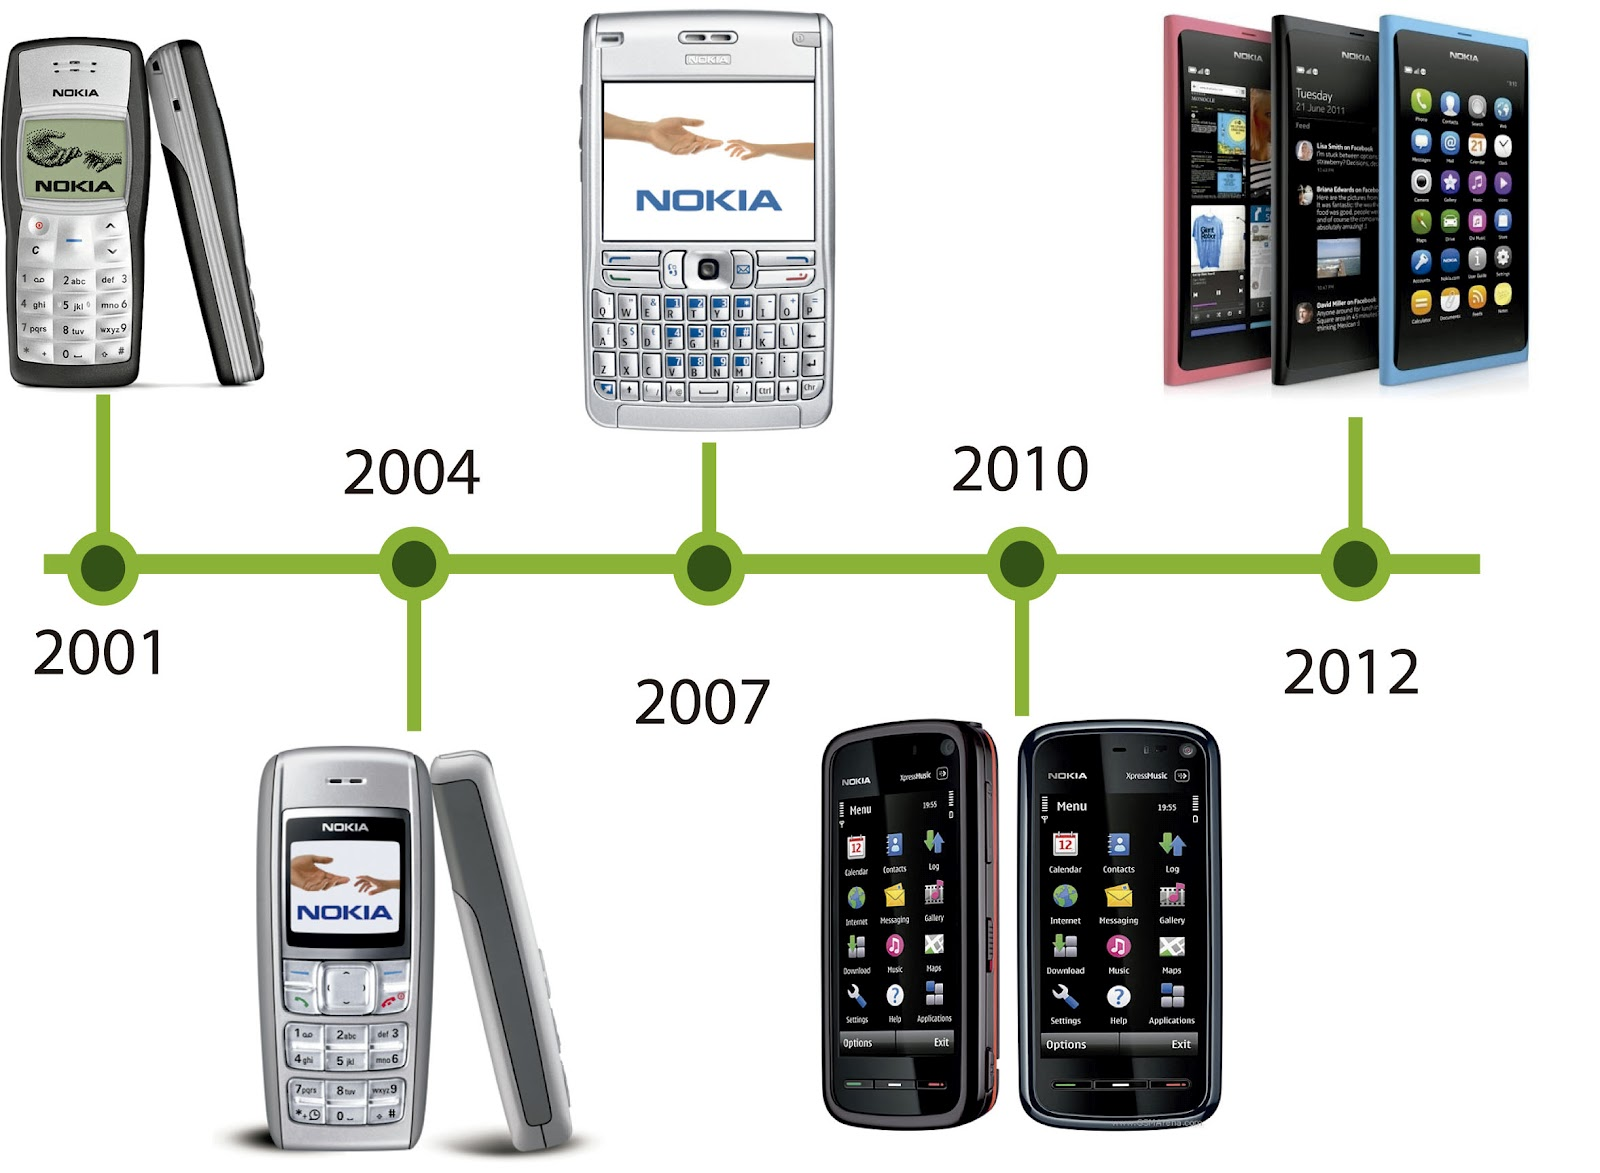 linea del tiempo de los avances tecnologicos